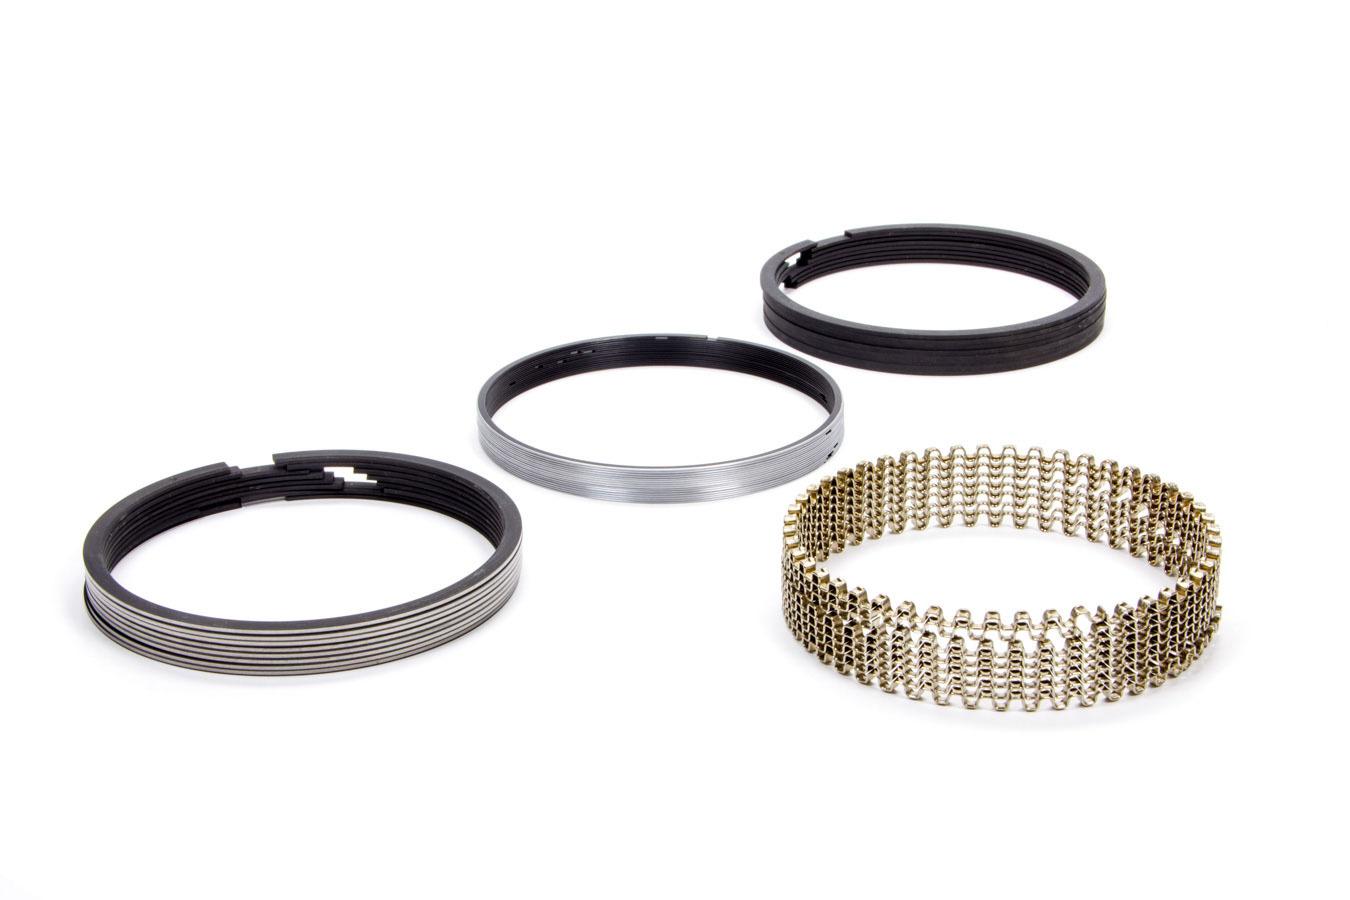 Piston Ring Set 4.145 1/16 1/16 3/16